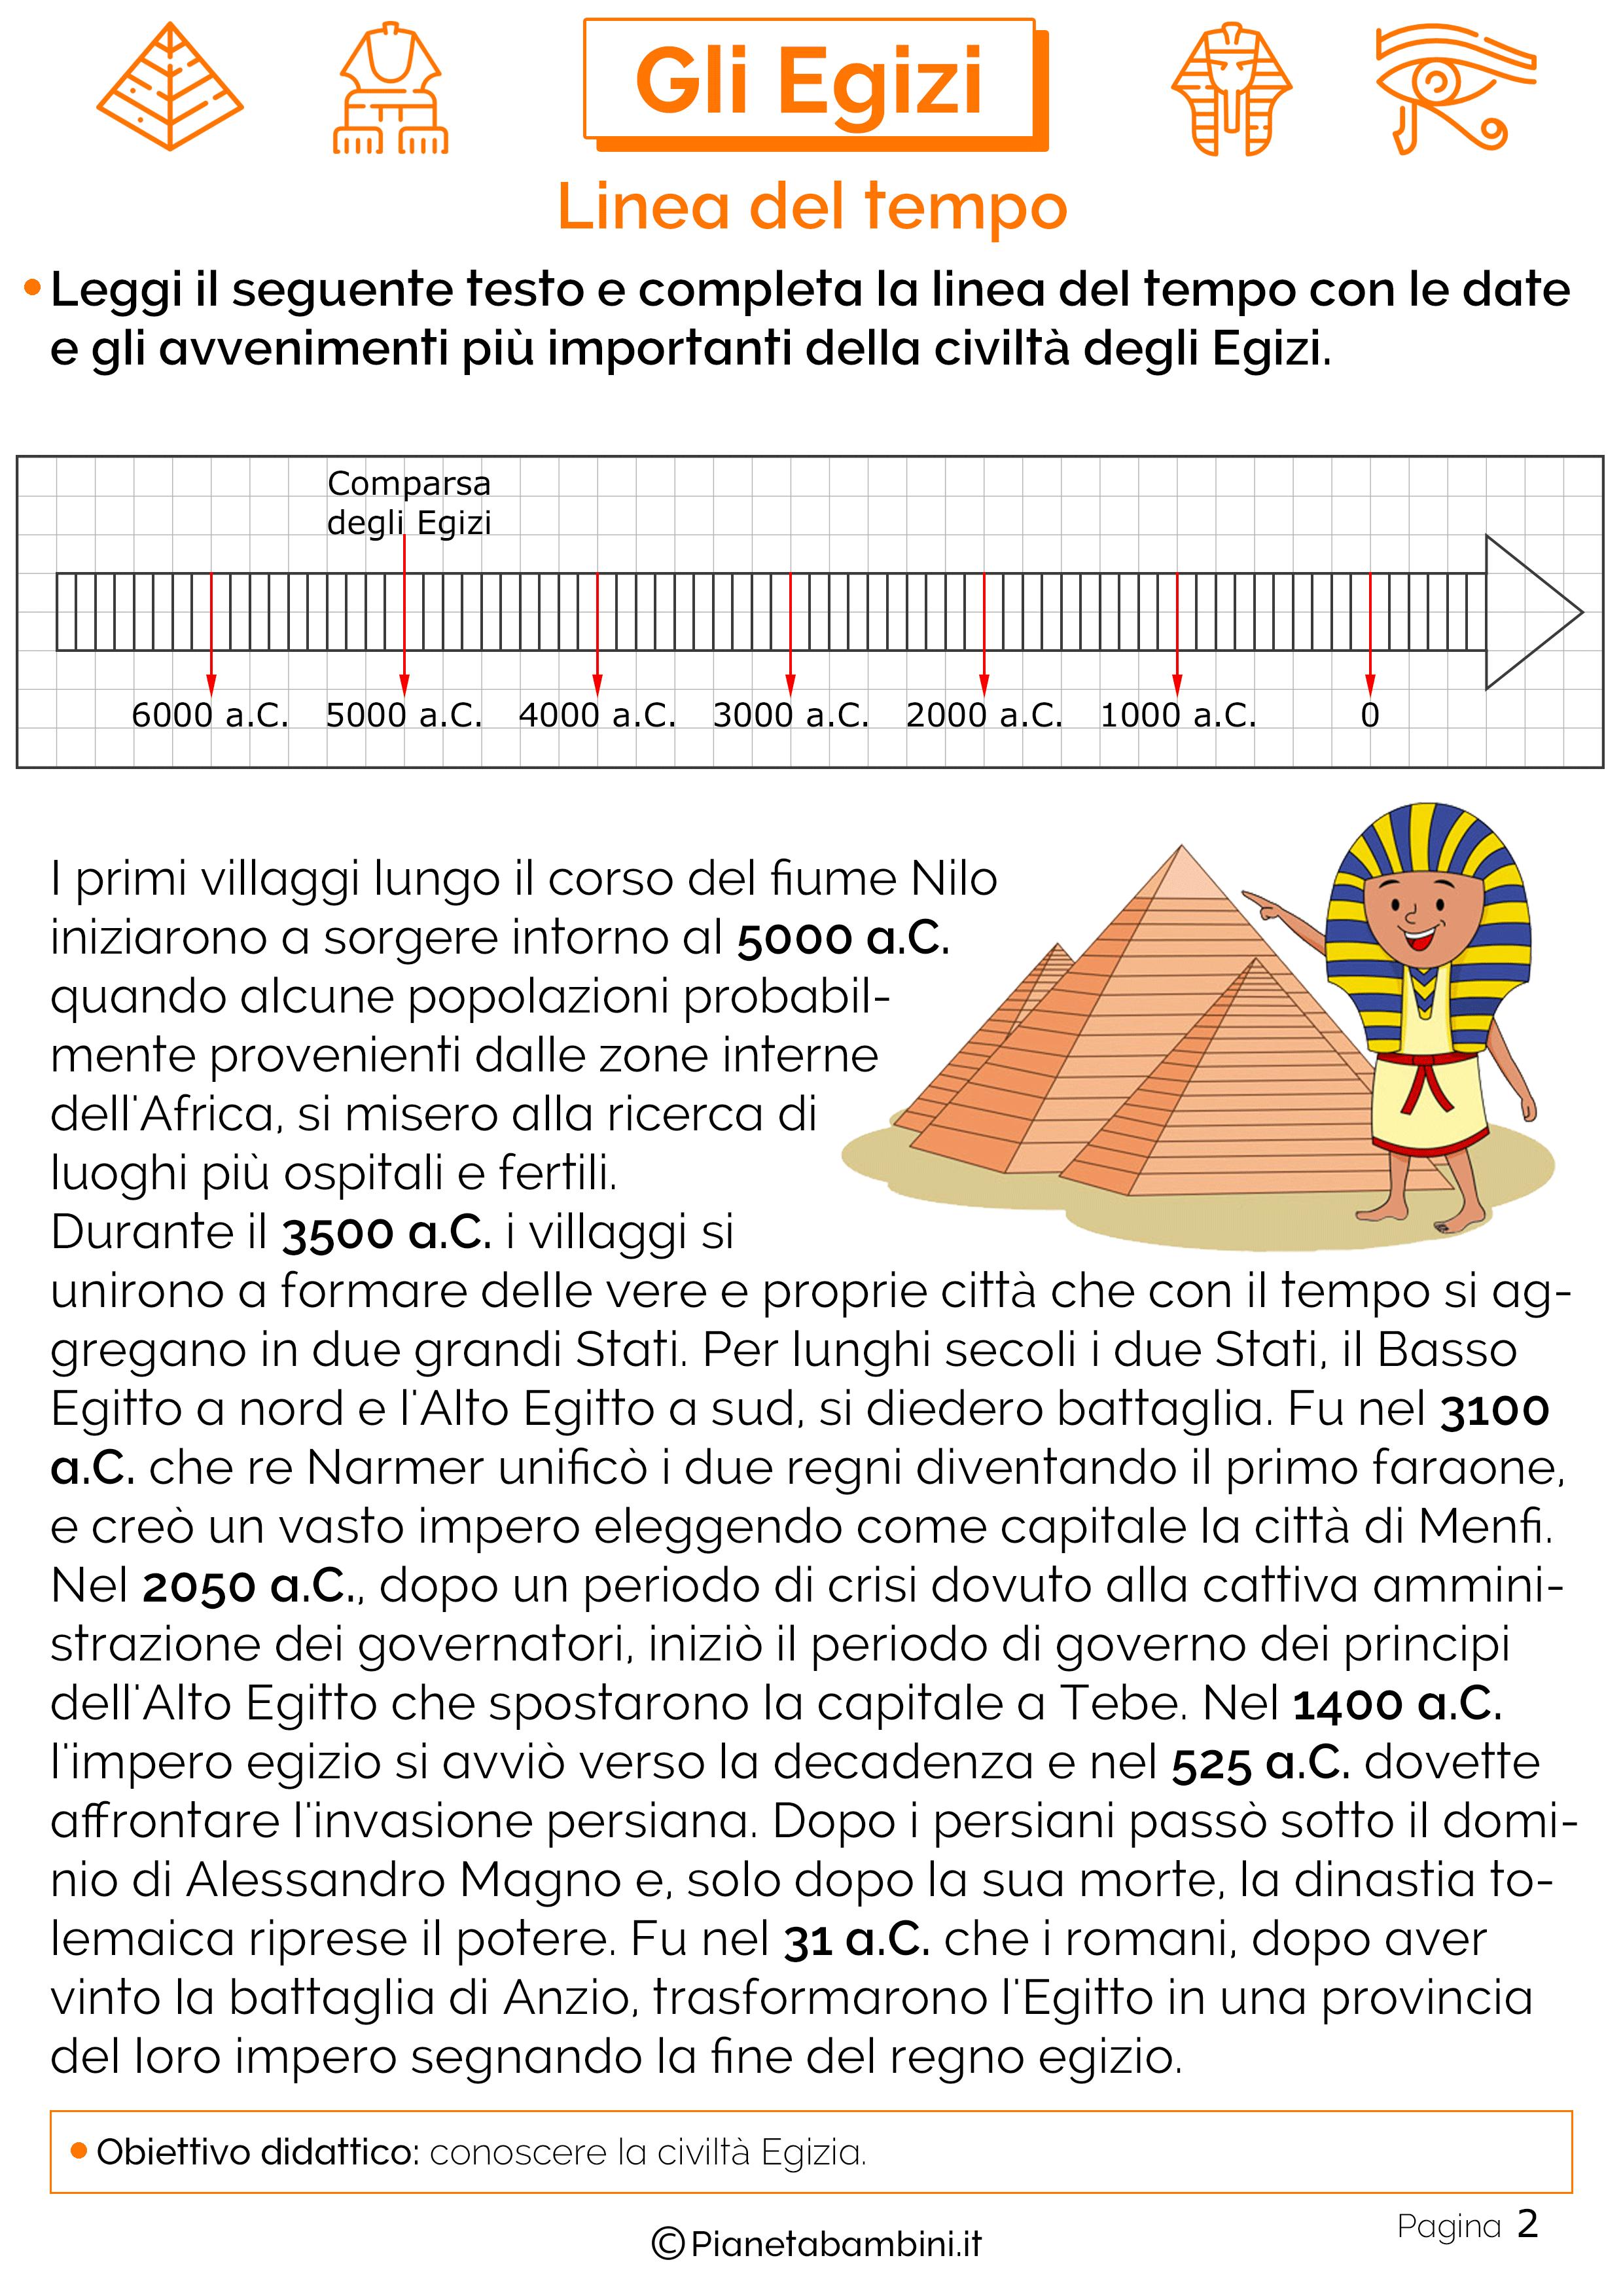 La linea del tempo dell'impero egizio